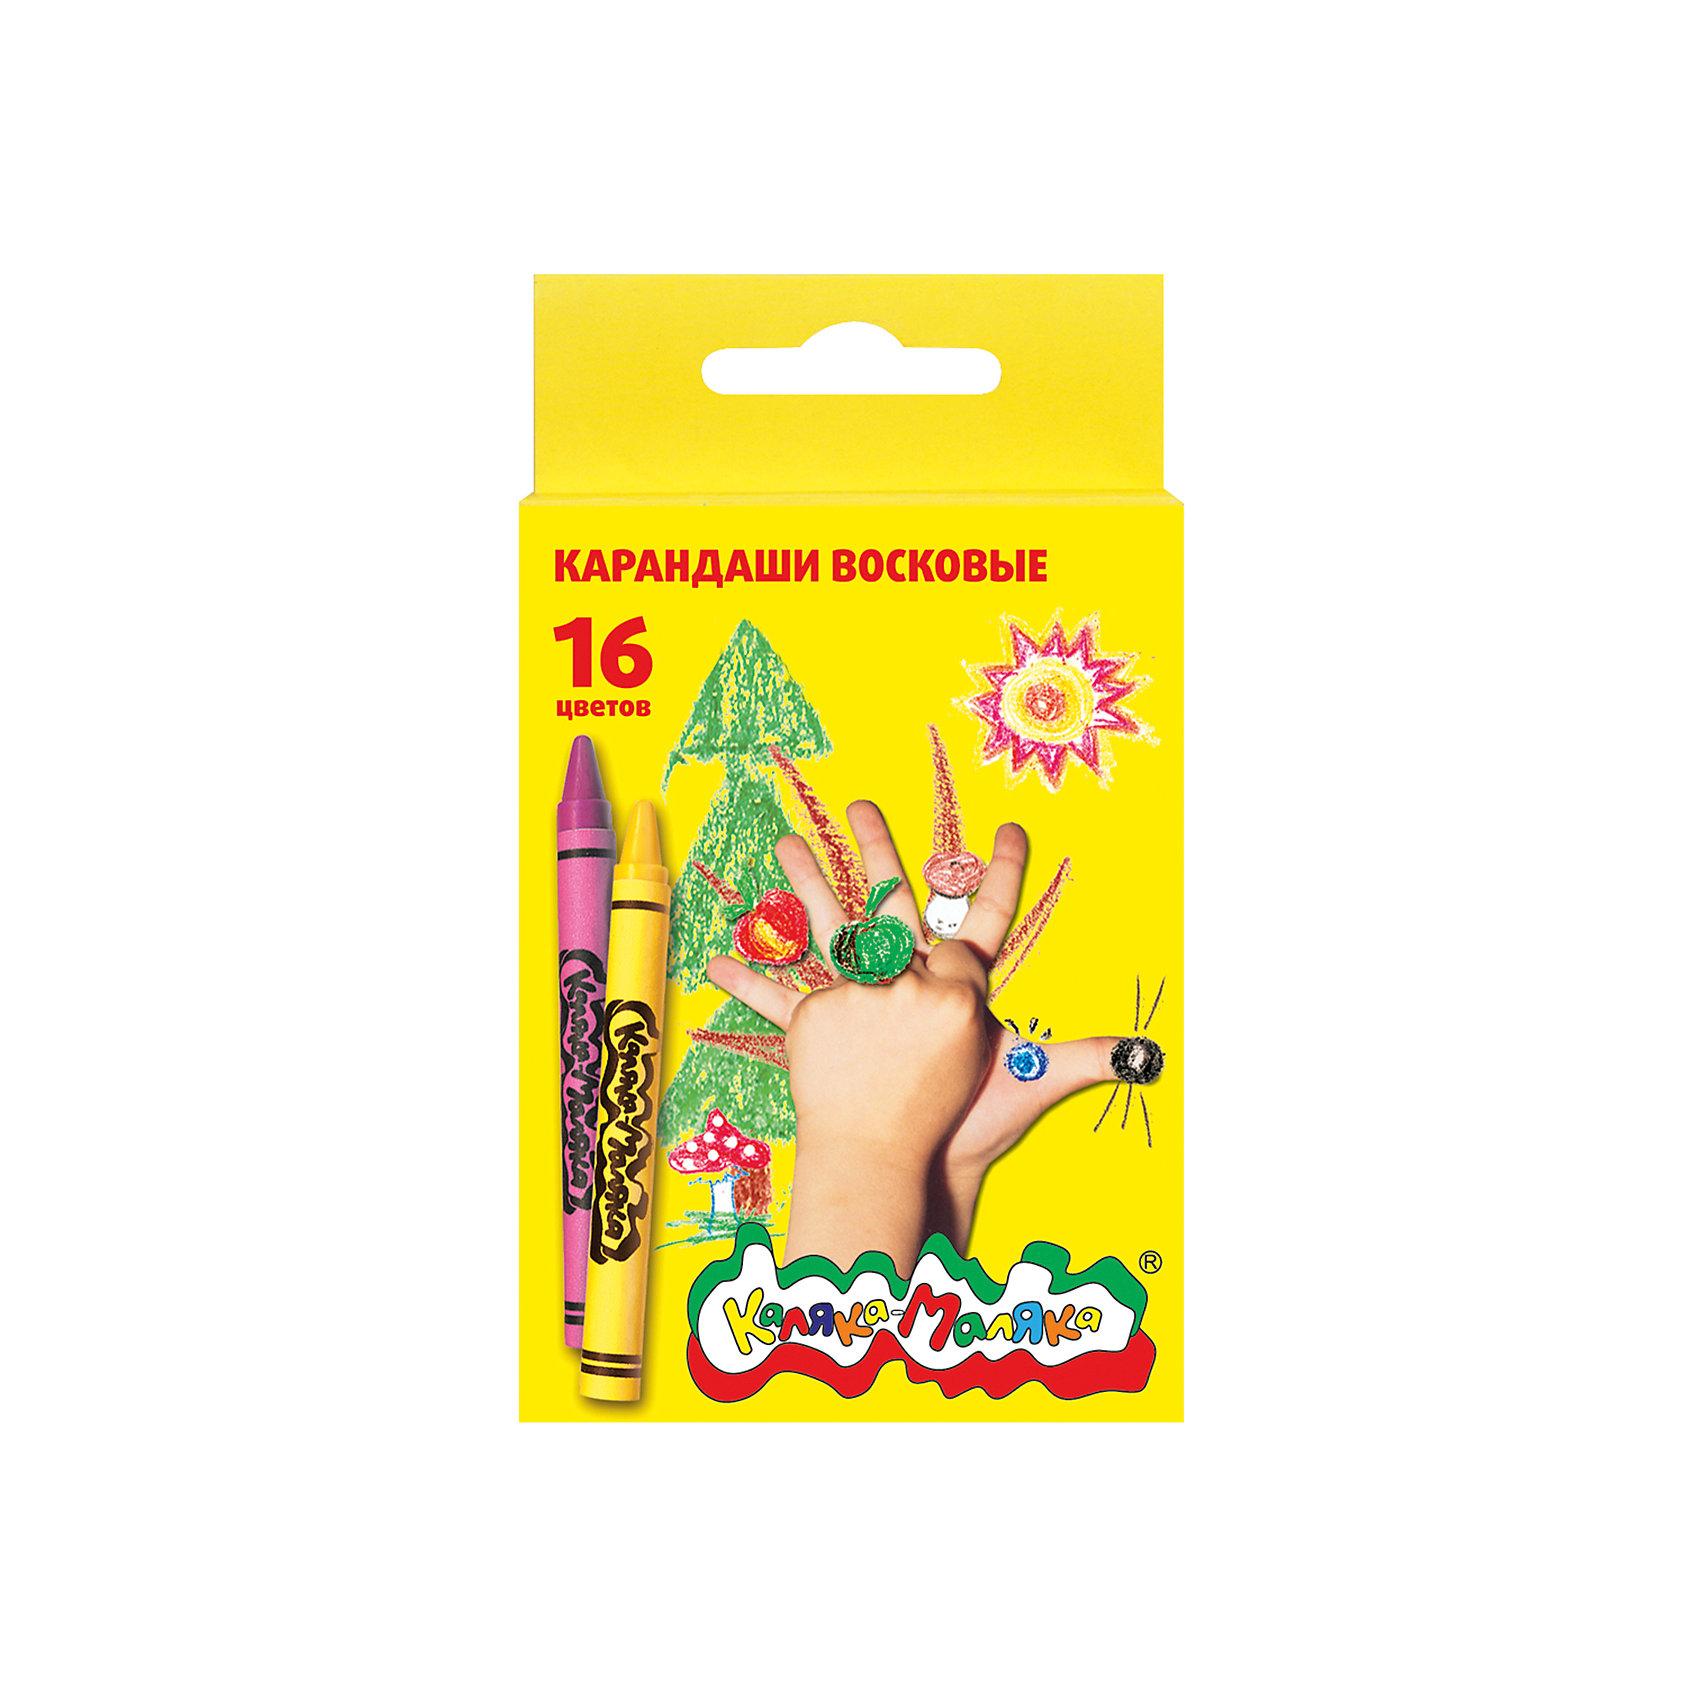 Восковые карандаши  16 цветов, круглые с заточкой